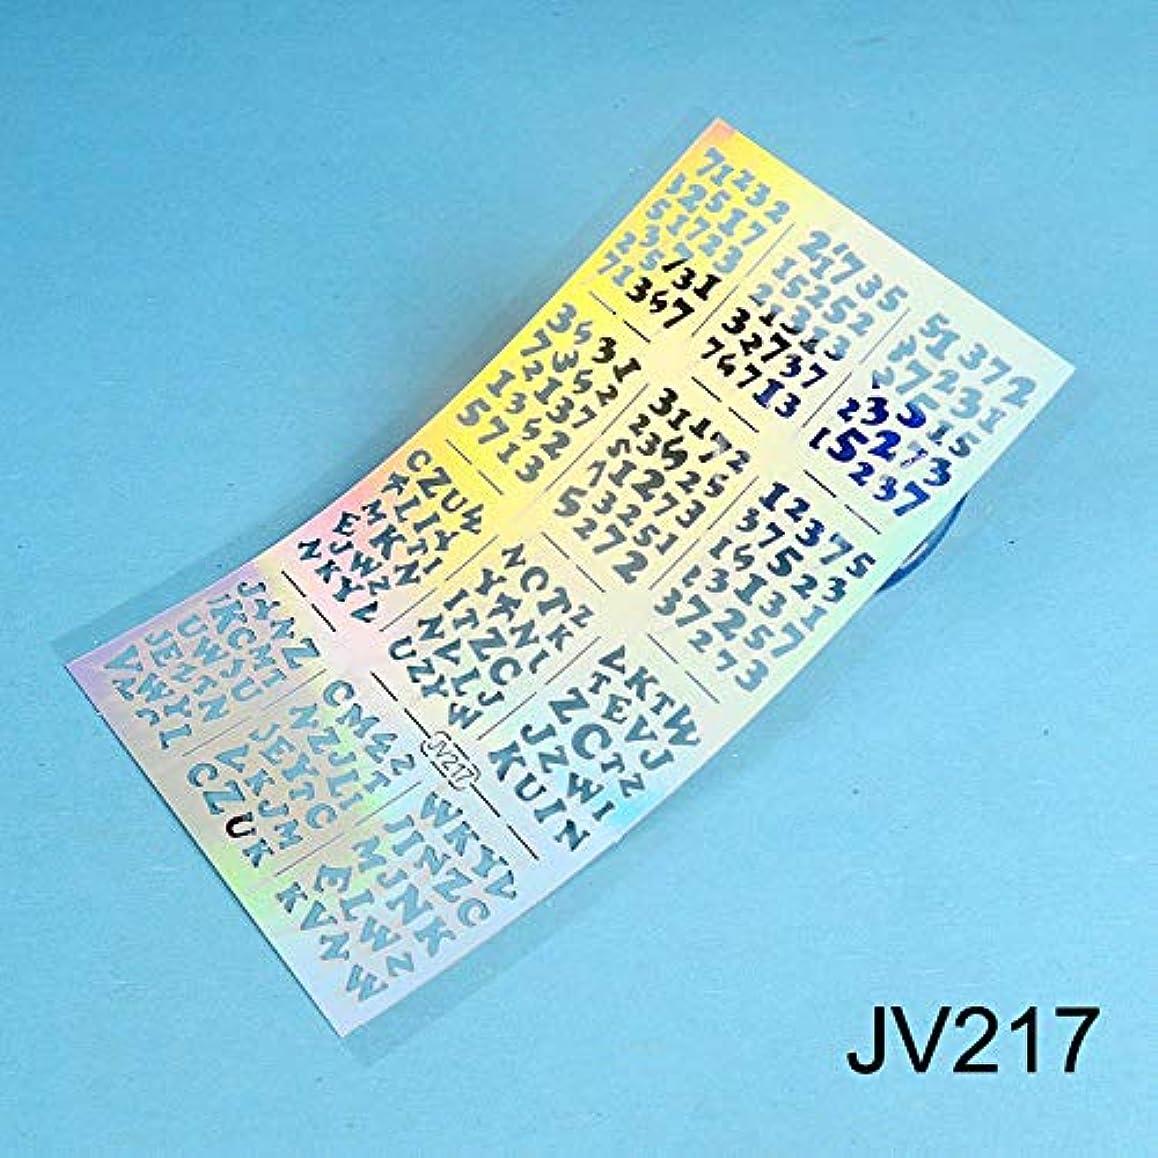 スクランブル熟練した封筒SUKTI&XIAO ネイルステッカー レーザーネイルビニールネイルアートネイルステンシルネイルアート中空ステッカー装飾ツールアクセサリー、Jv217